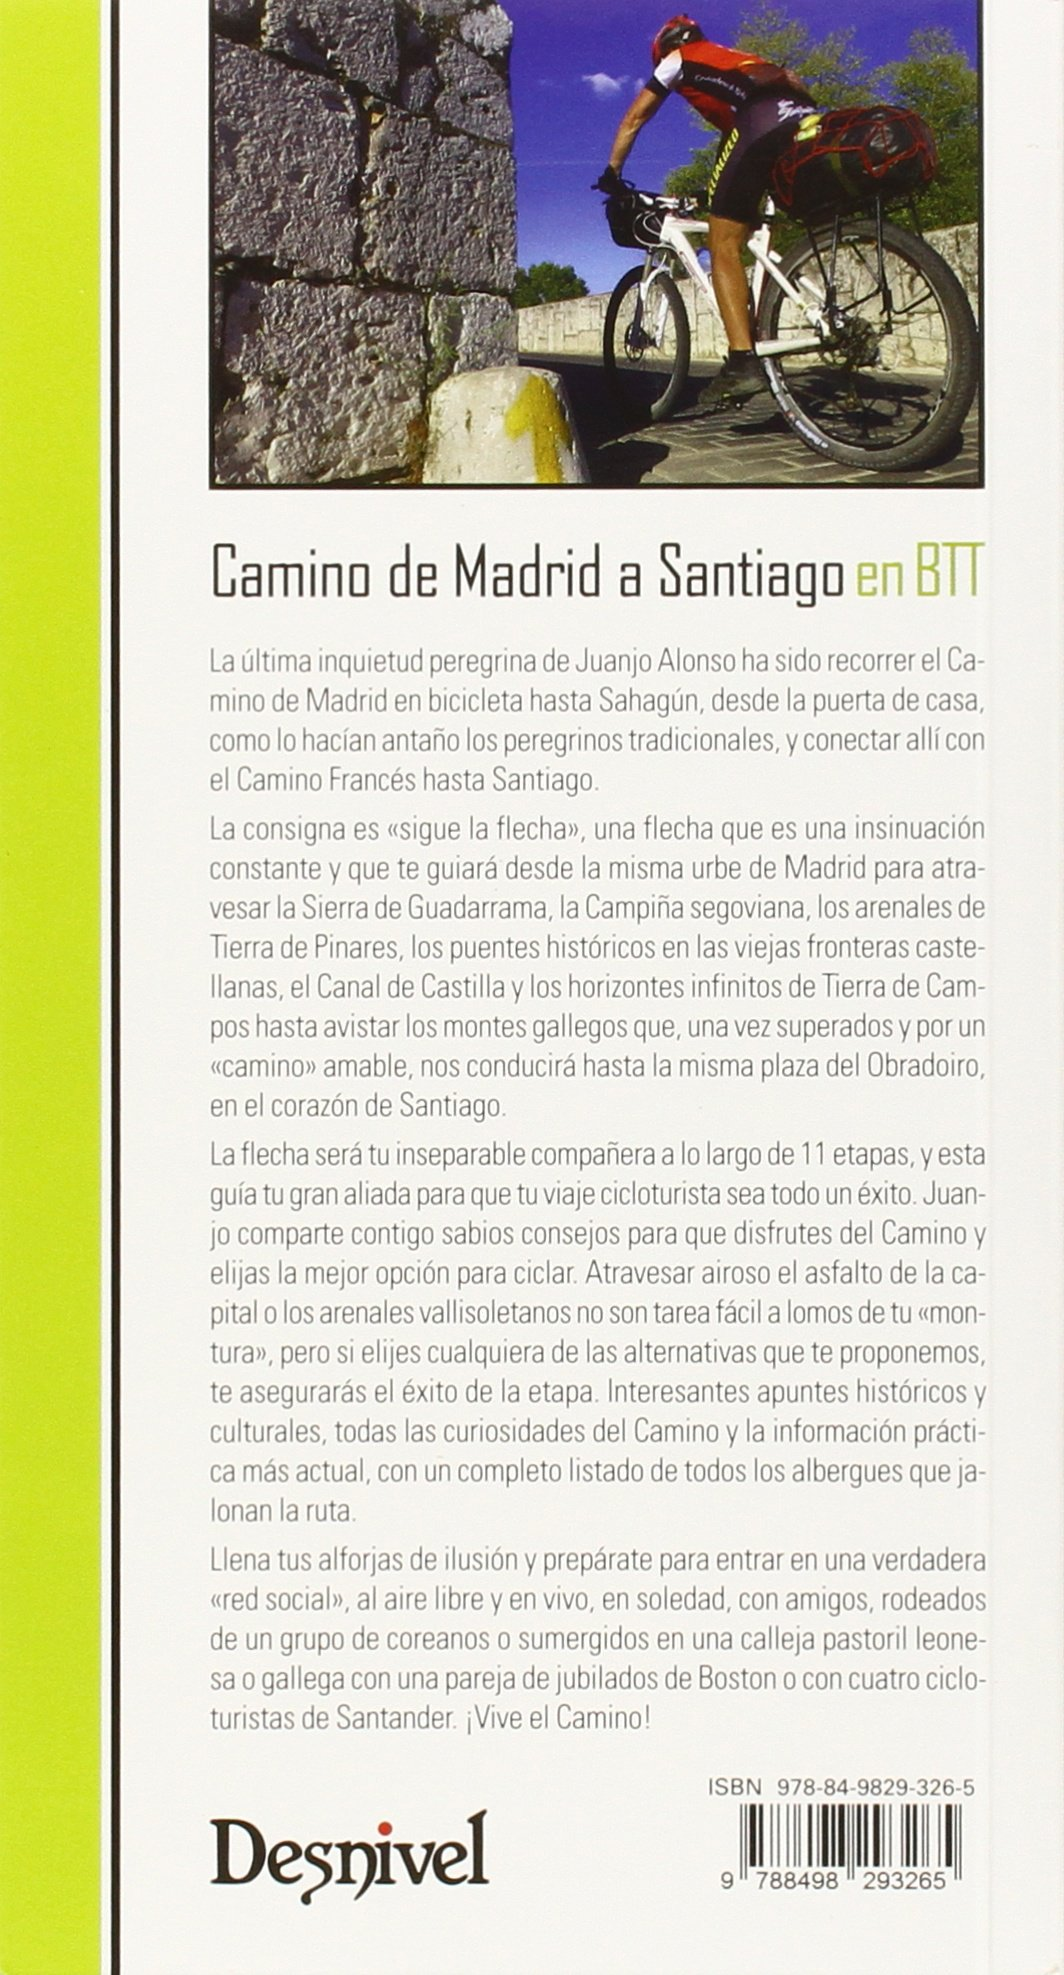 Camino de Madrid a Santiago en BTT Guias Cicloturistas: Amazon.es ...